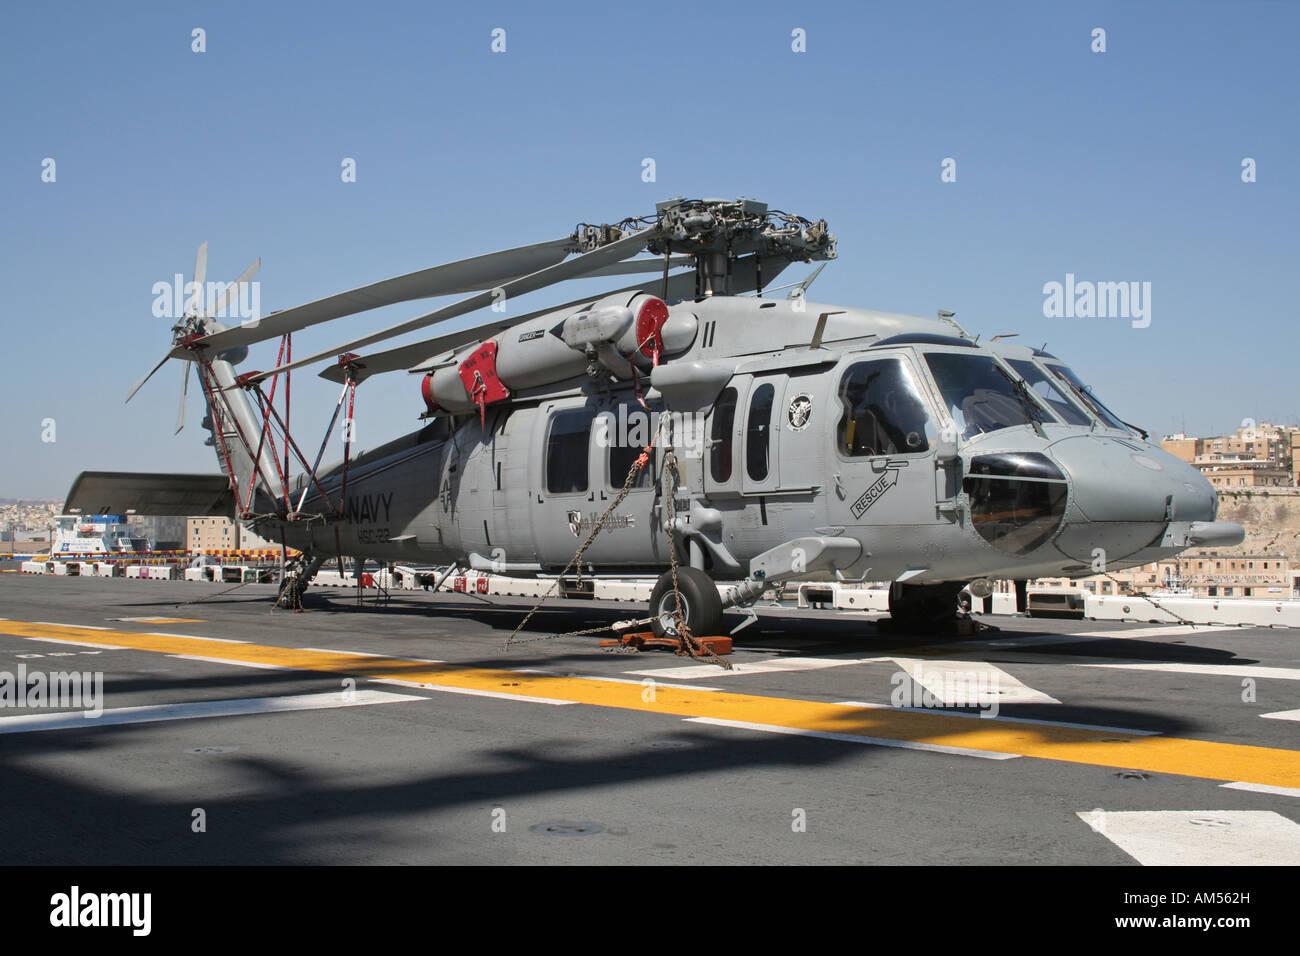 La Marina estadounidense Sikorsky MH-60S Knighthawk helicóptero a bordo del buque de asalto anfibio USS Kearsarge Imagen De Stock